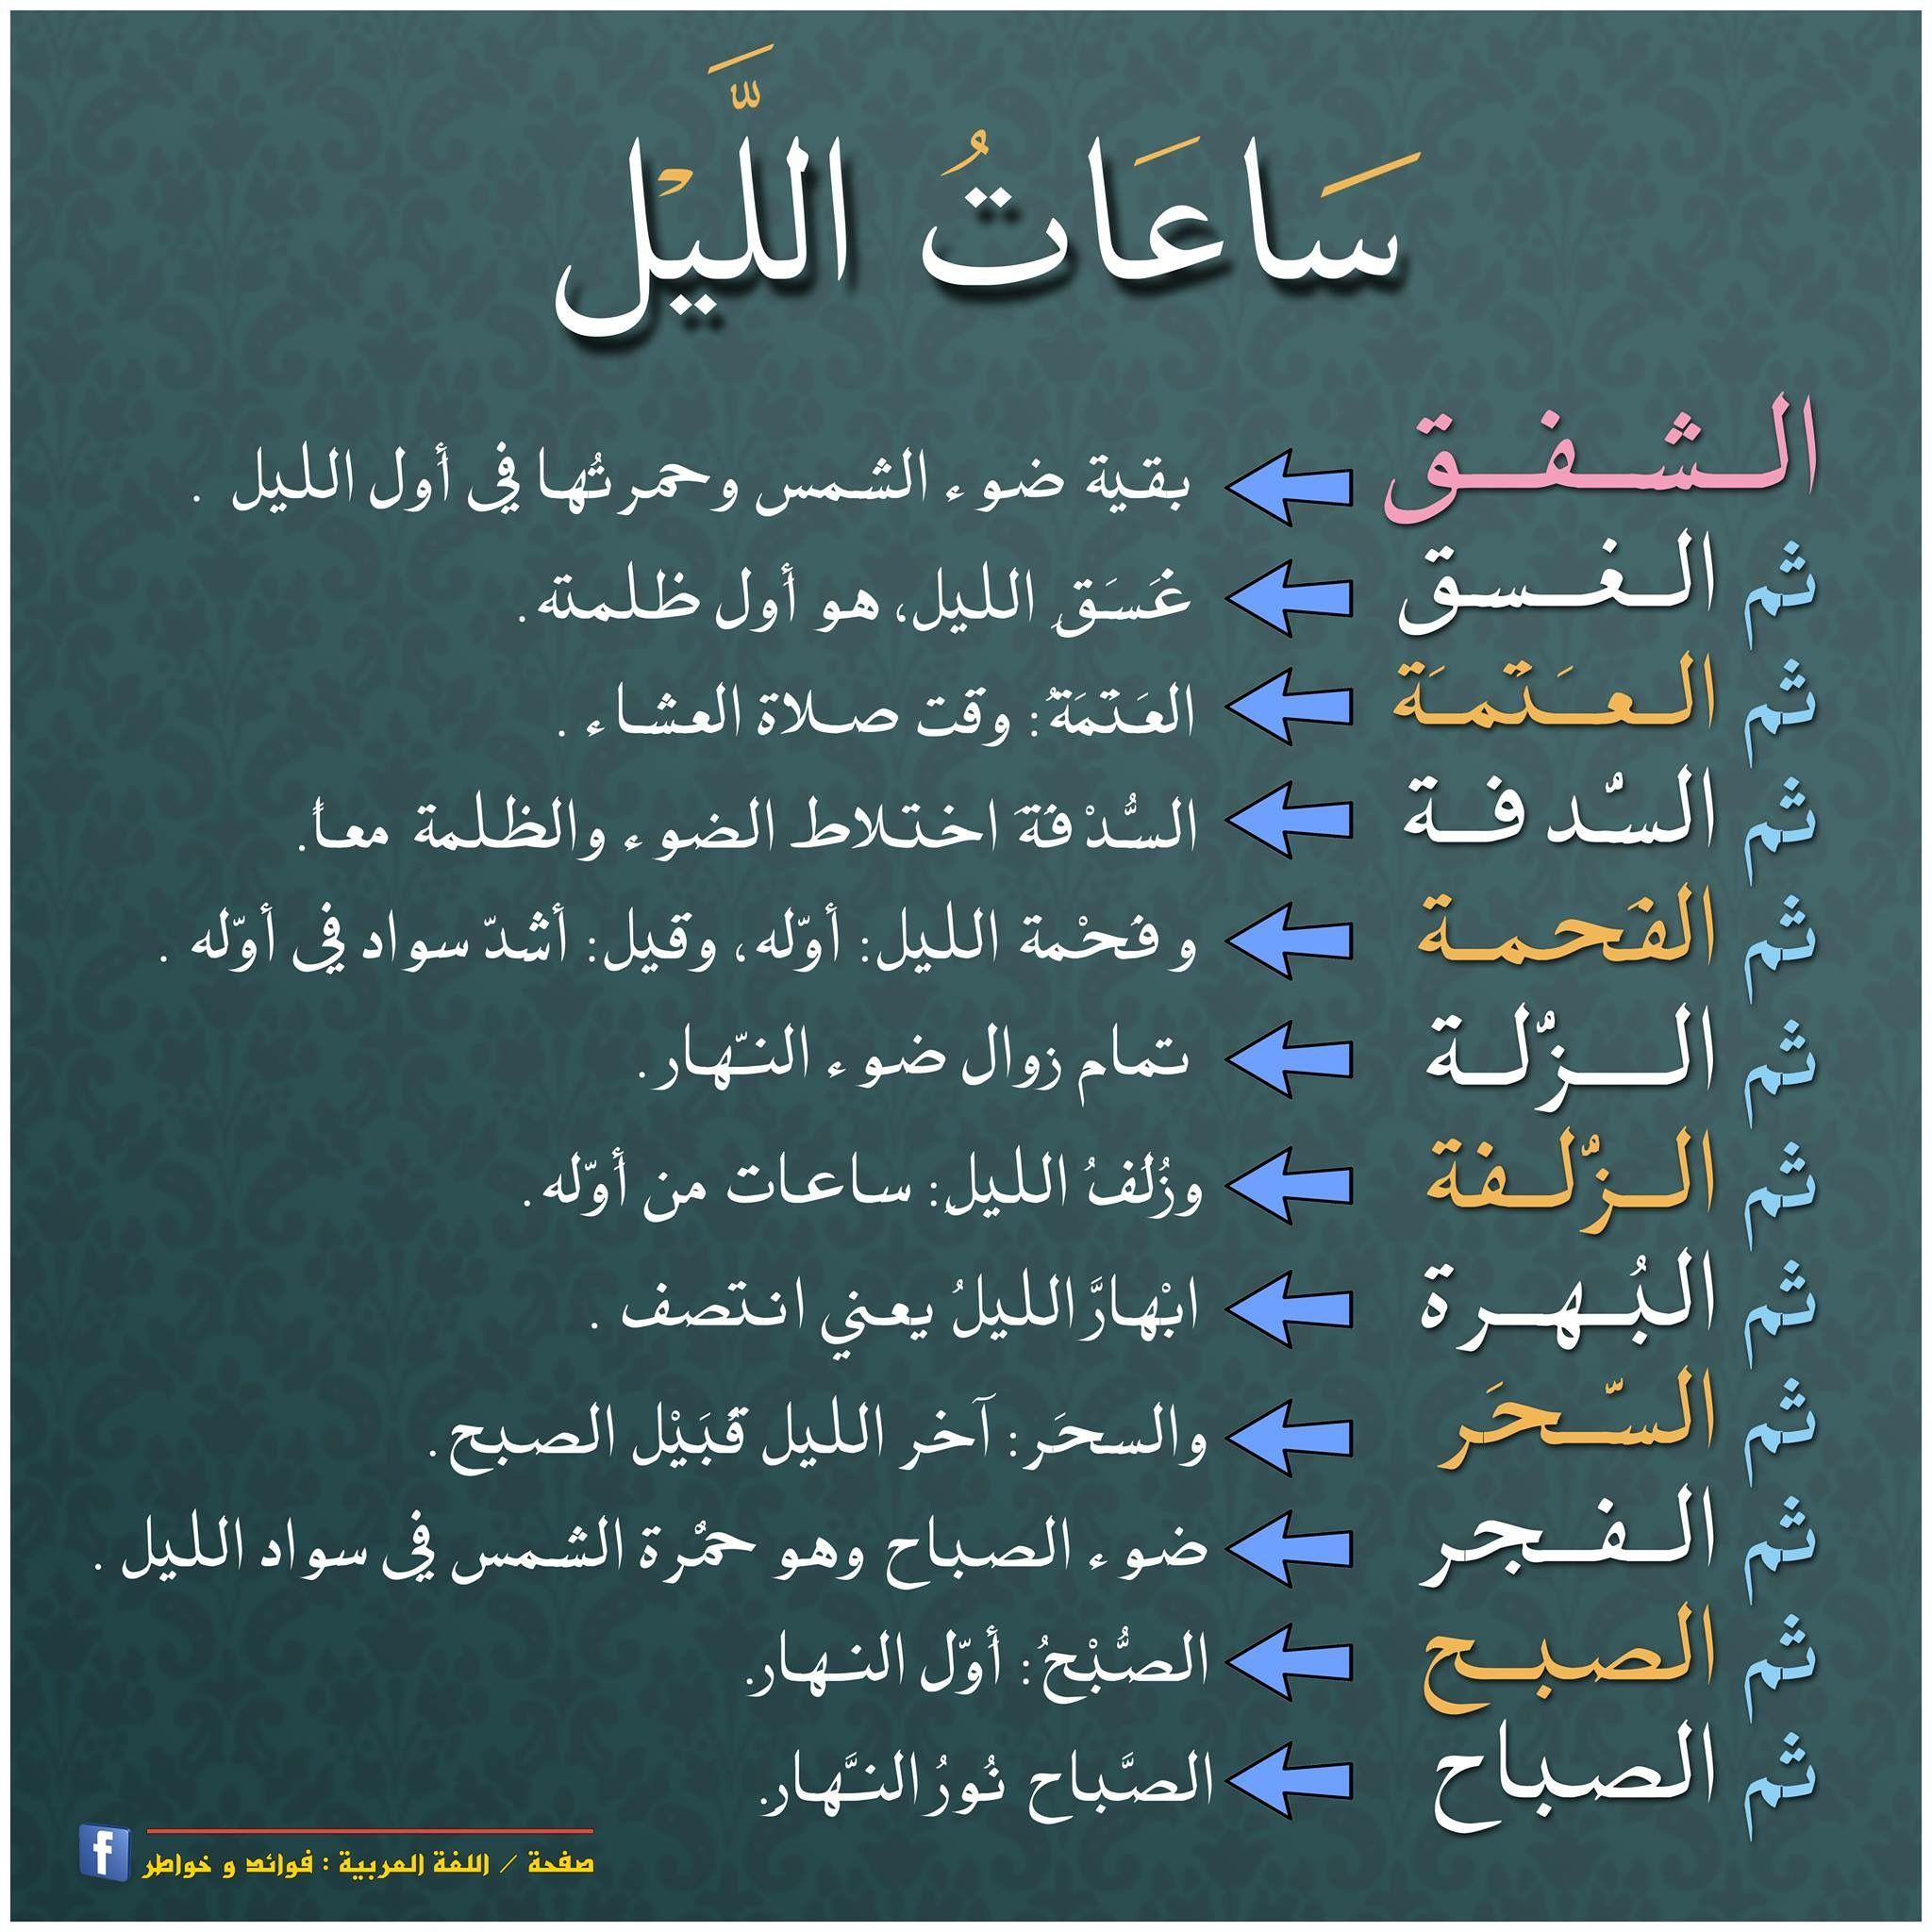 ساعات الليل ومعناها فالقرآن Islamic Phrases Learn Arabic Language Arabic Language